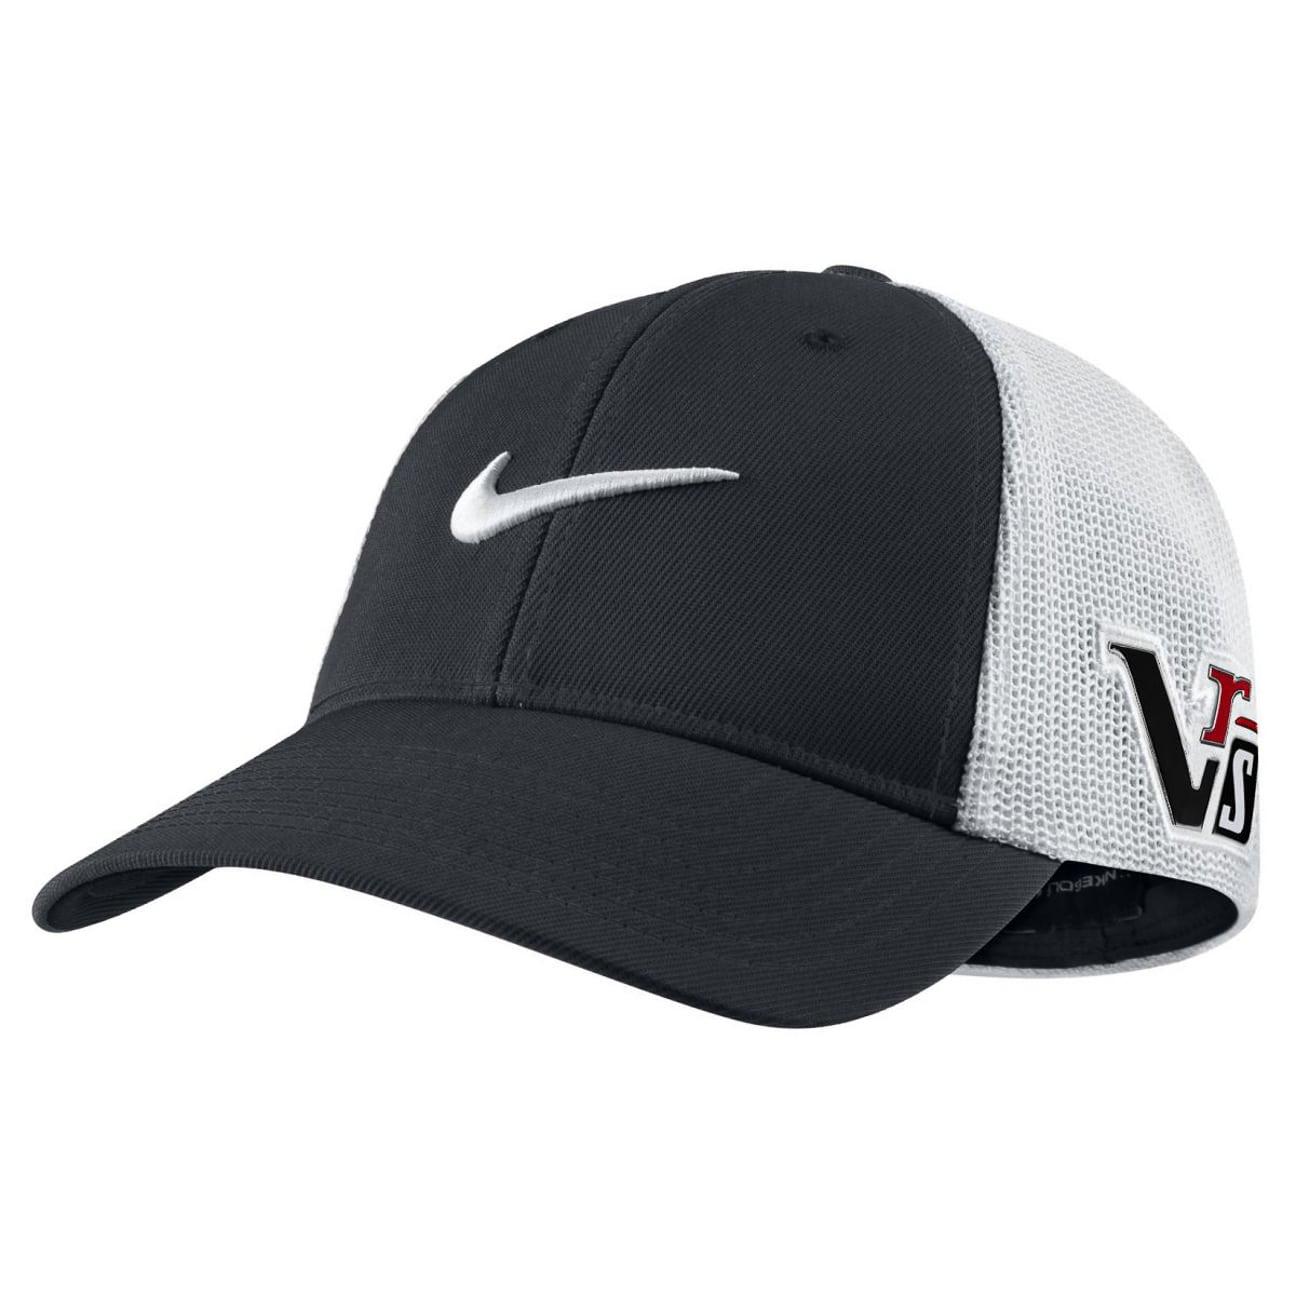 345408816d356f ... New Tour Flexfit Cap by Nike - black 1 ...